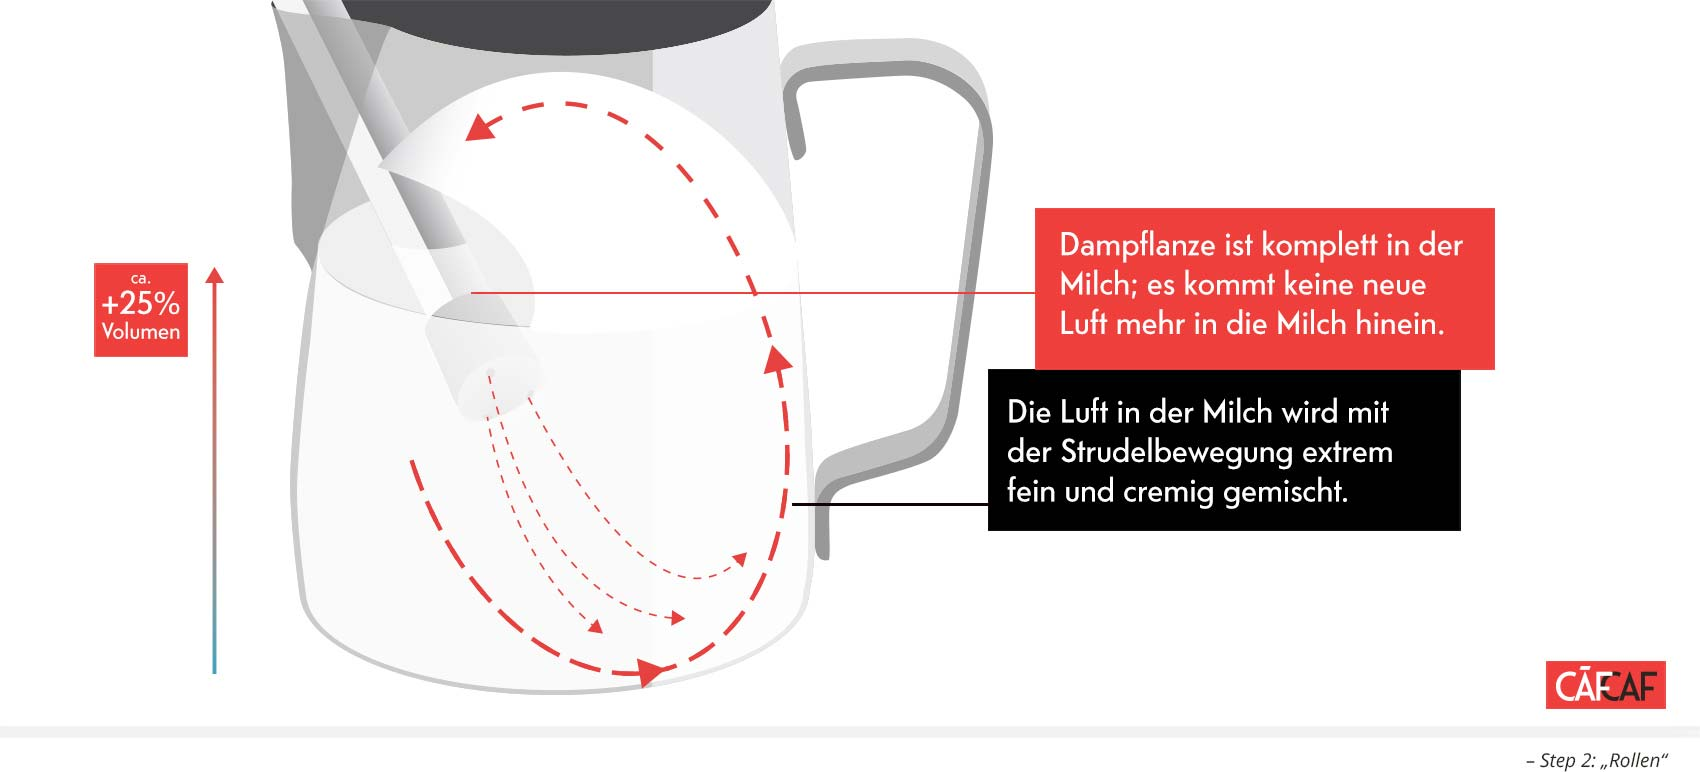 Tutorial: Die perfekt geschäumte Milch, Milchschäumen. CafCaf.de – Kaffee & Blog, Kaffeeblog